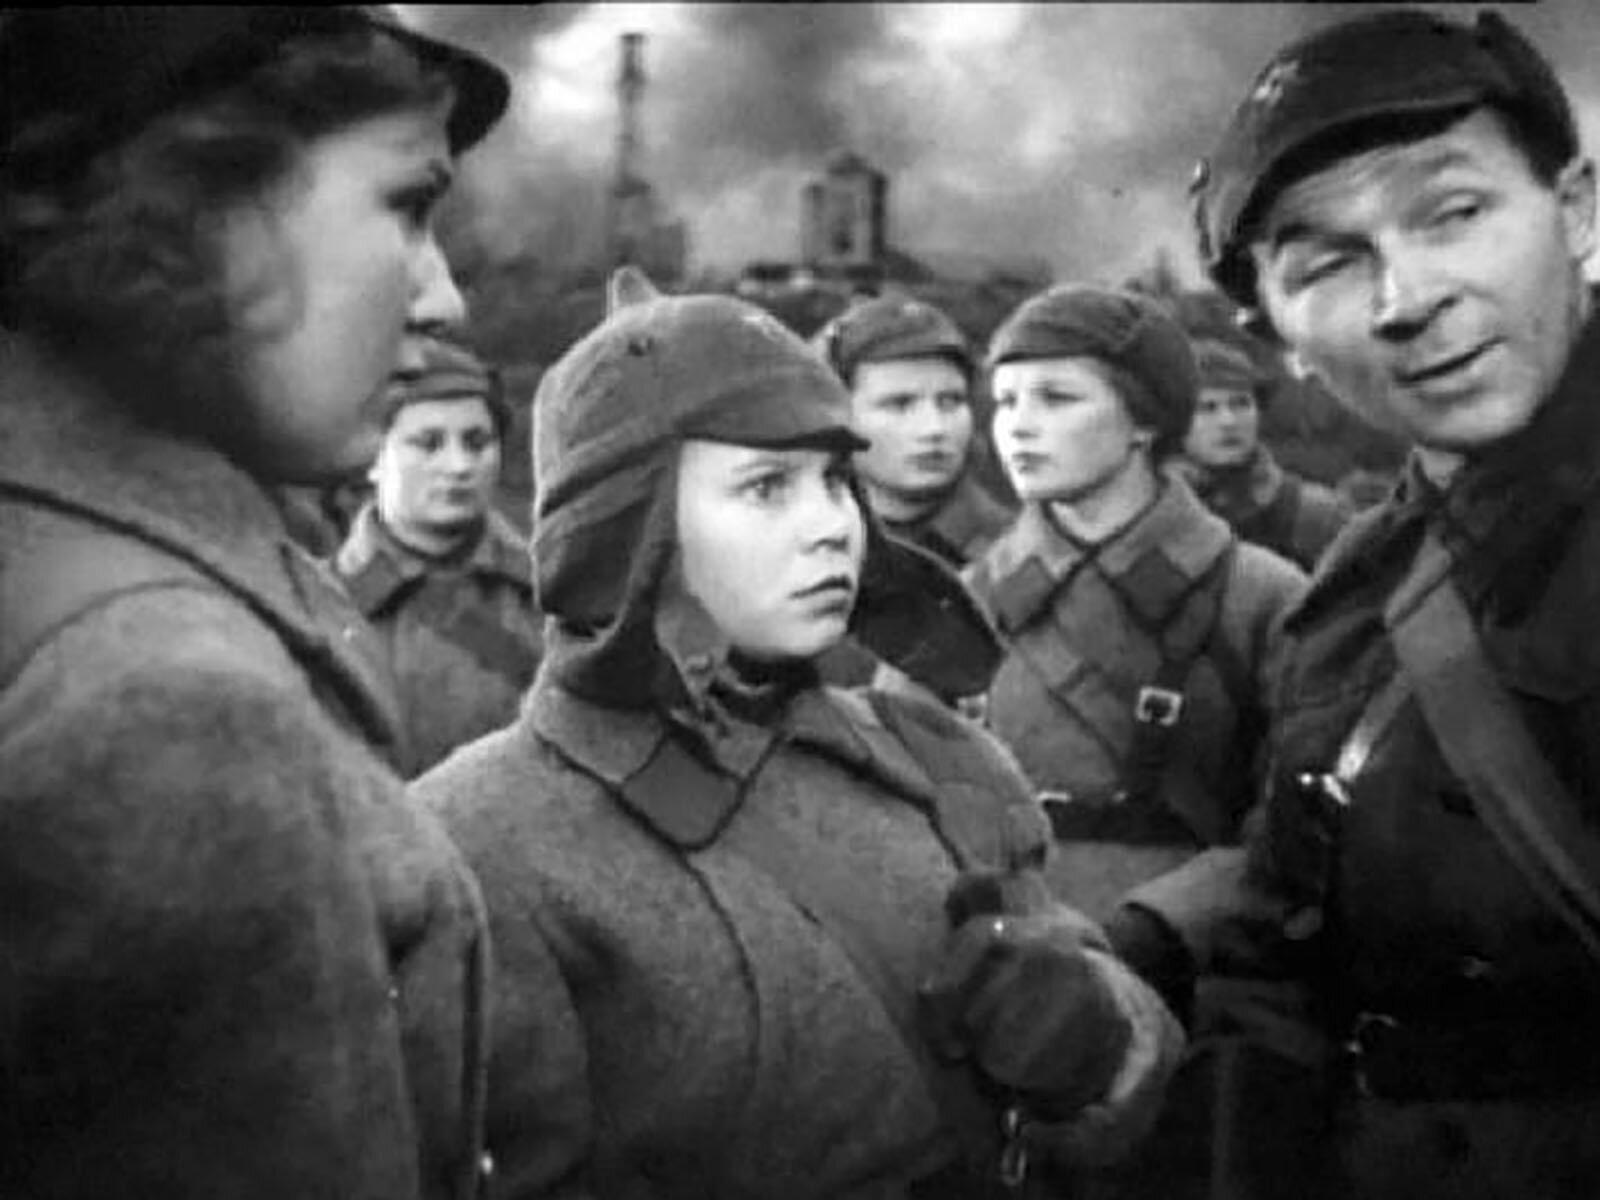 Кадр из фильма «Подруги, на фронт!». Режиссер В. Эйсымонт . 1941 год